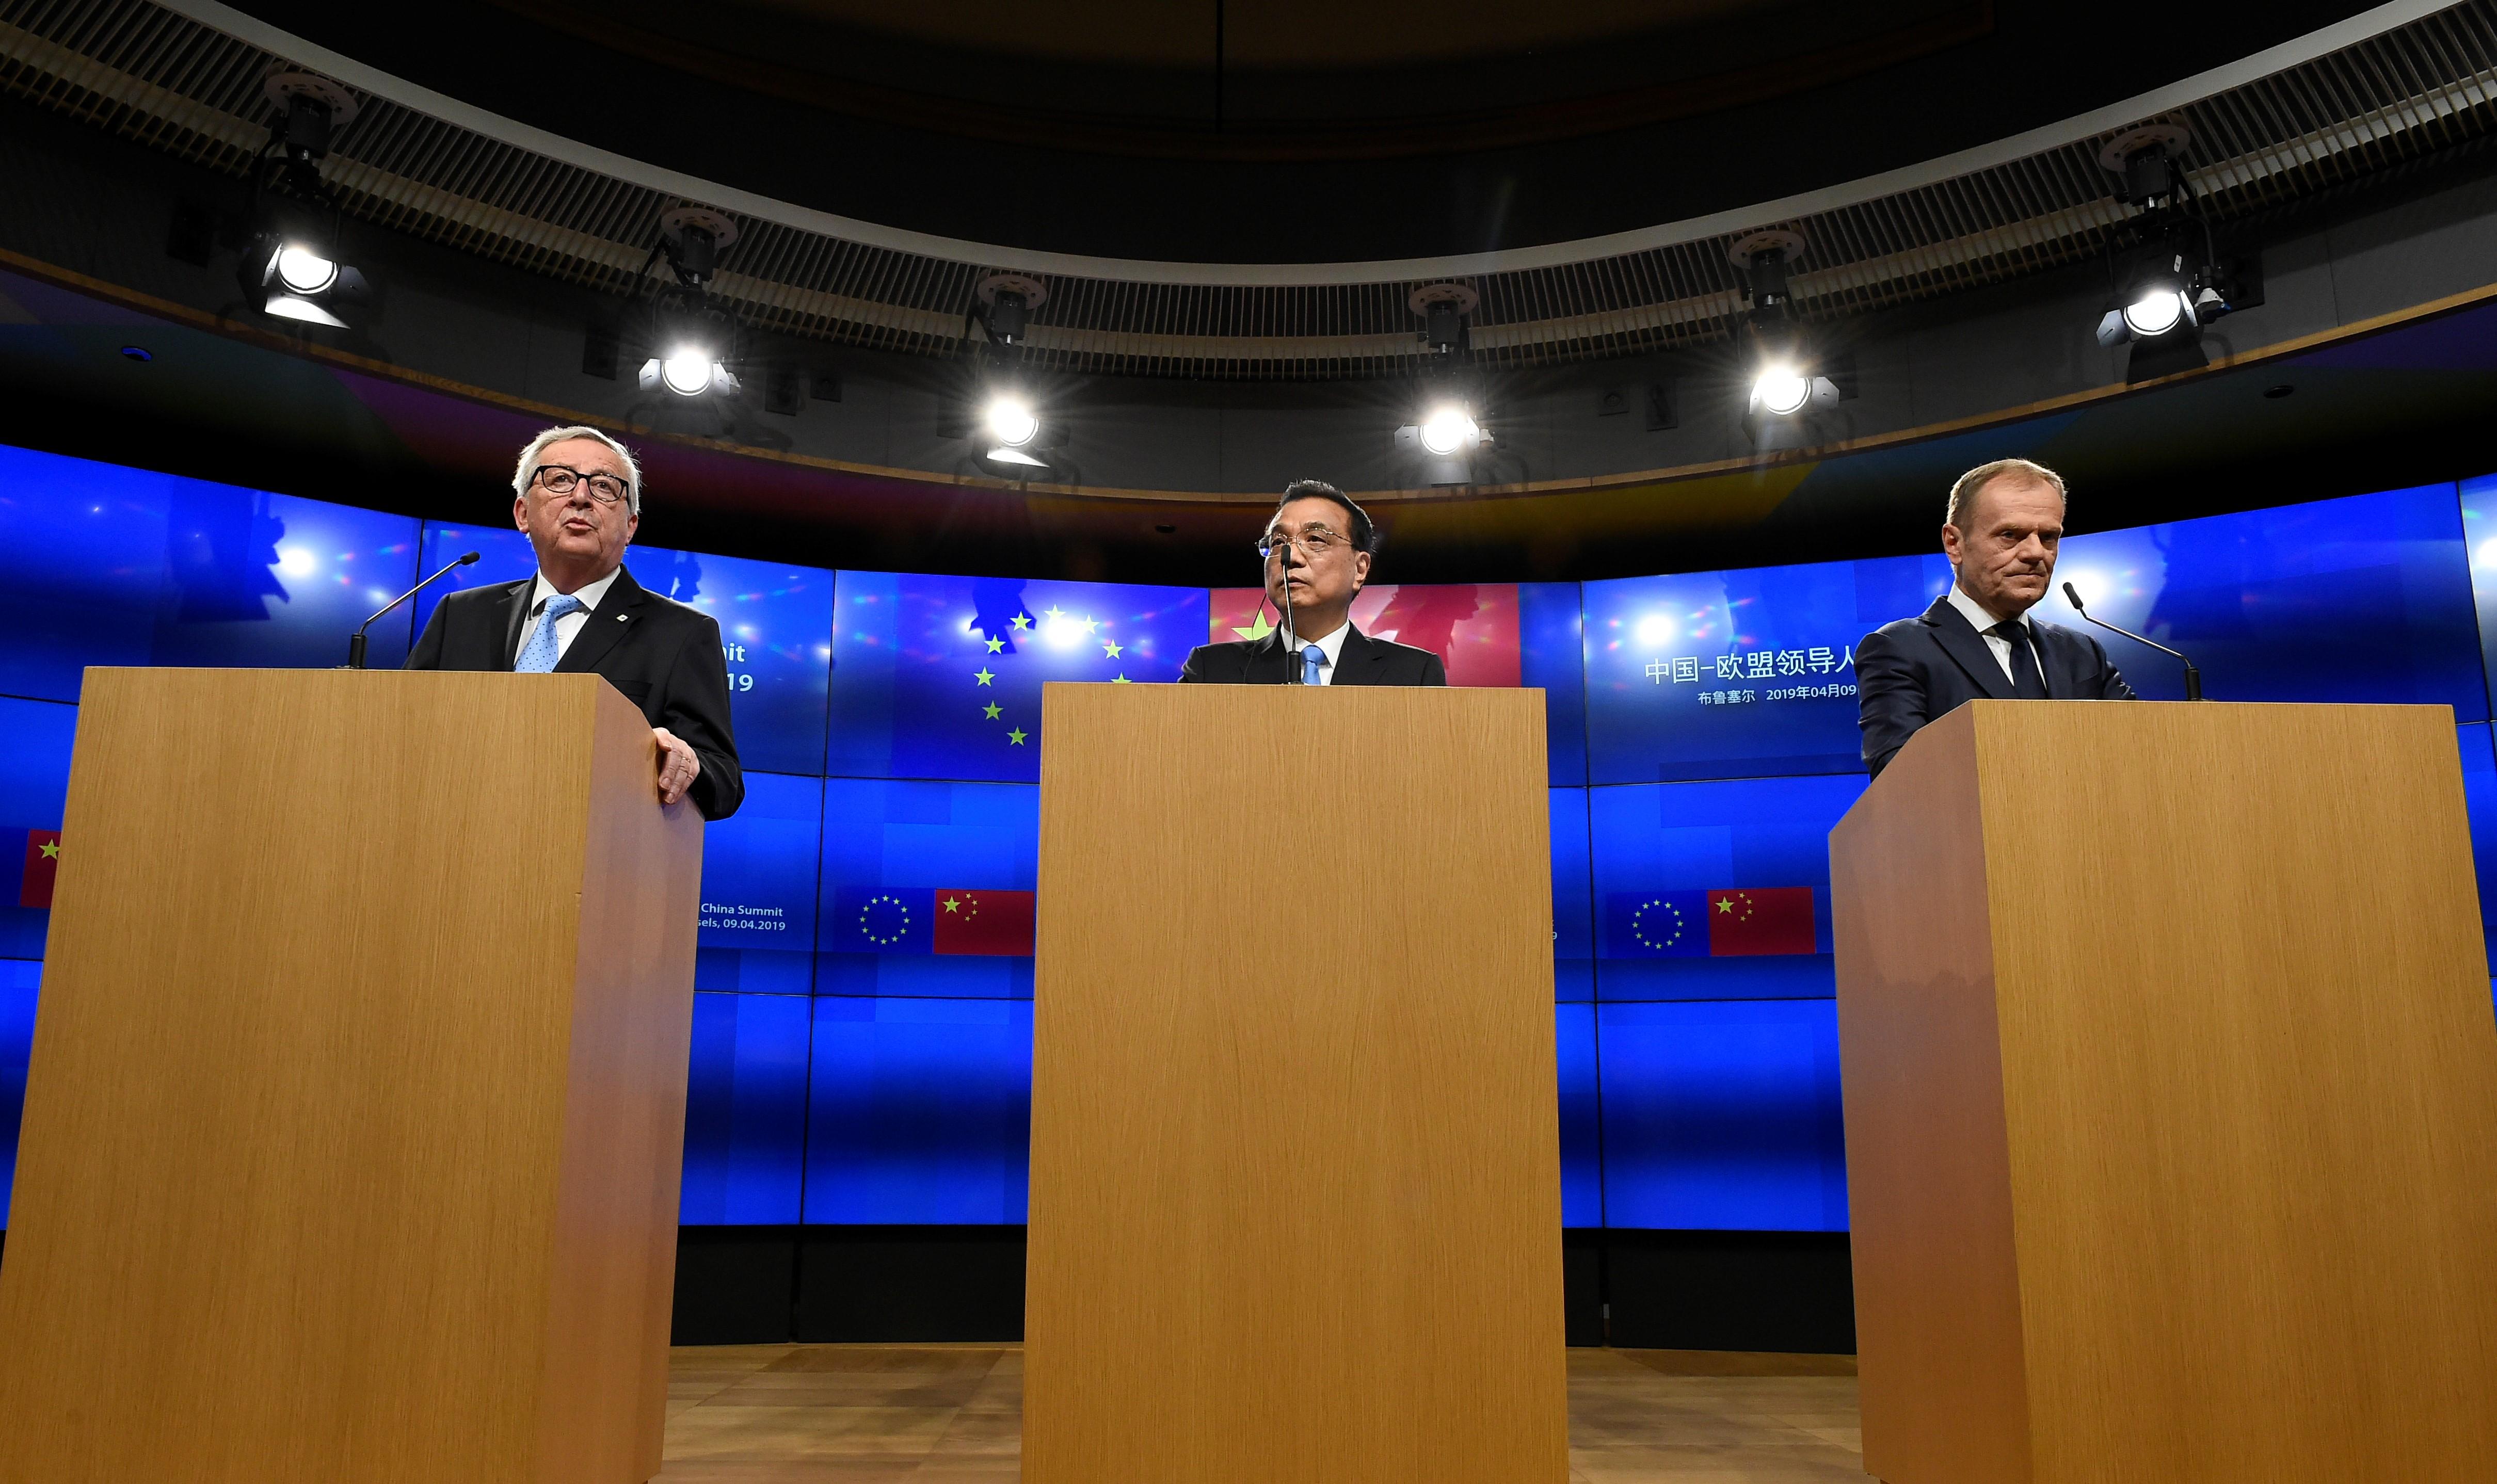 中歐峰會 中方最終讓步 雙方達成聯合聲明